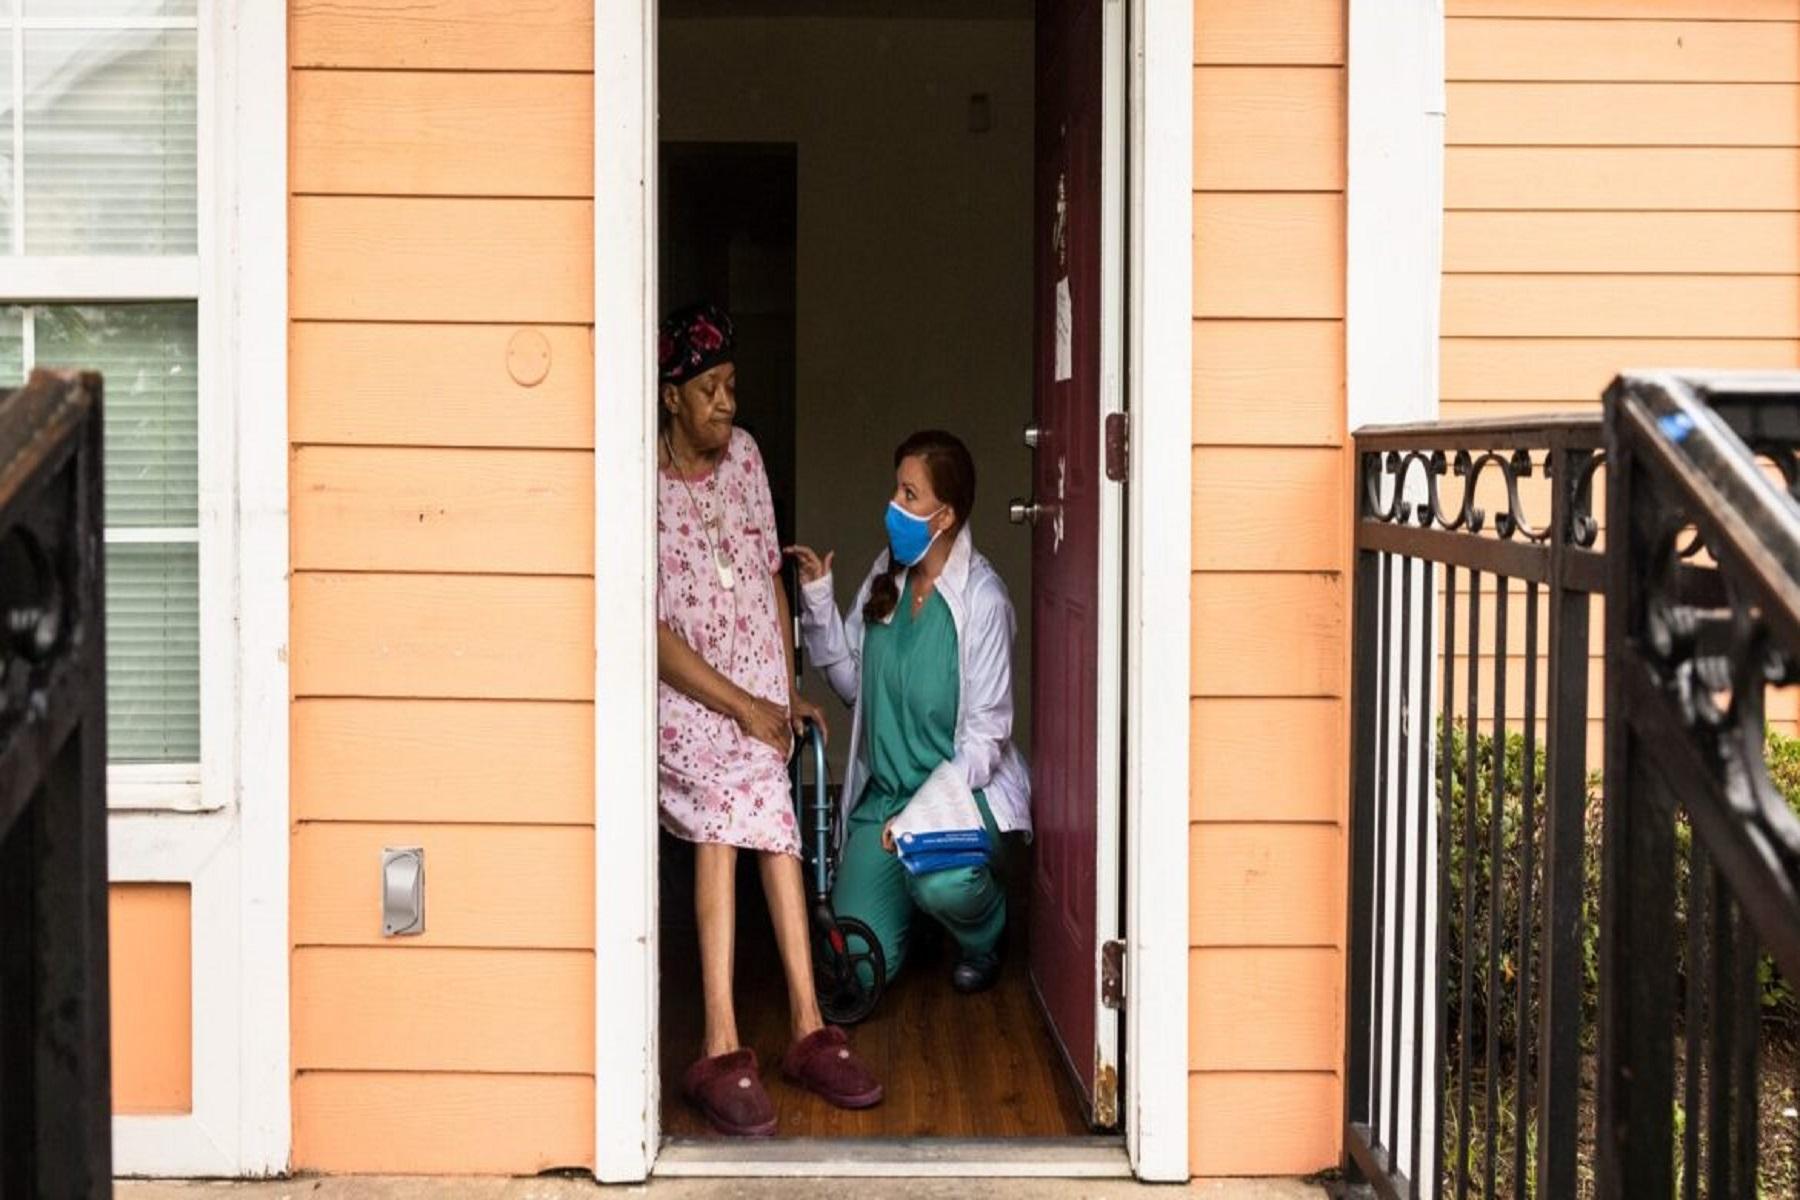 Βόρεια Καρολίνα: Ξεκινά εκστρατεία εμβολιασμού «δόσεις σε πόρτες»